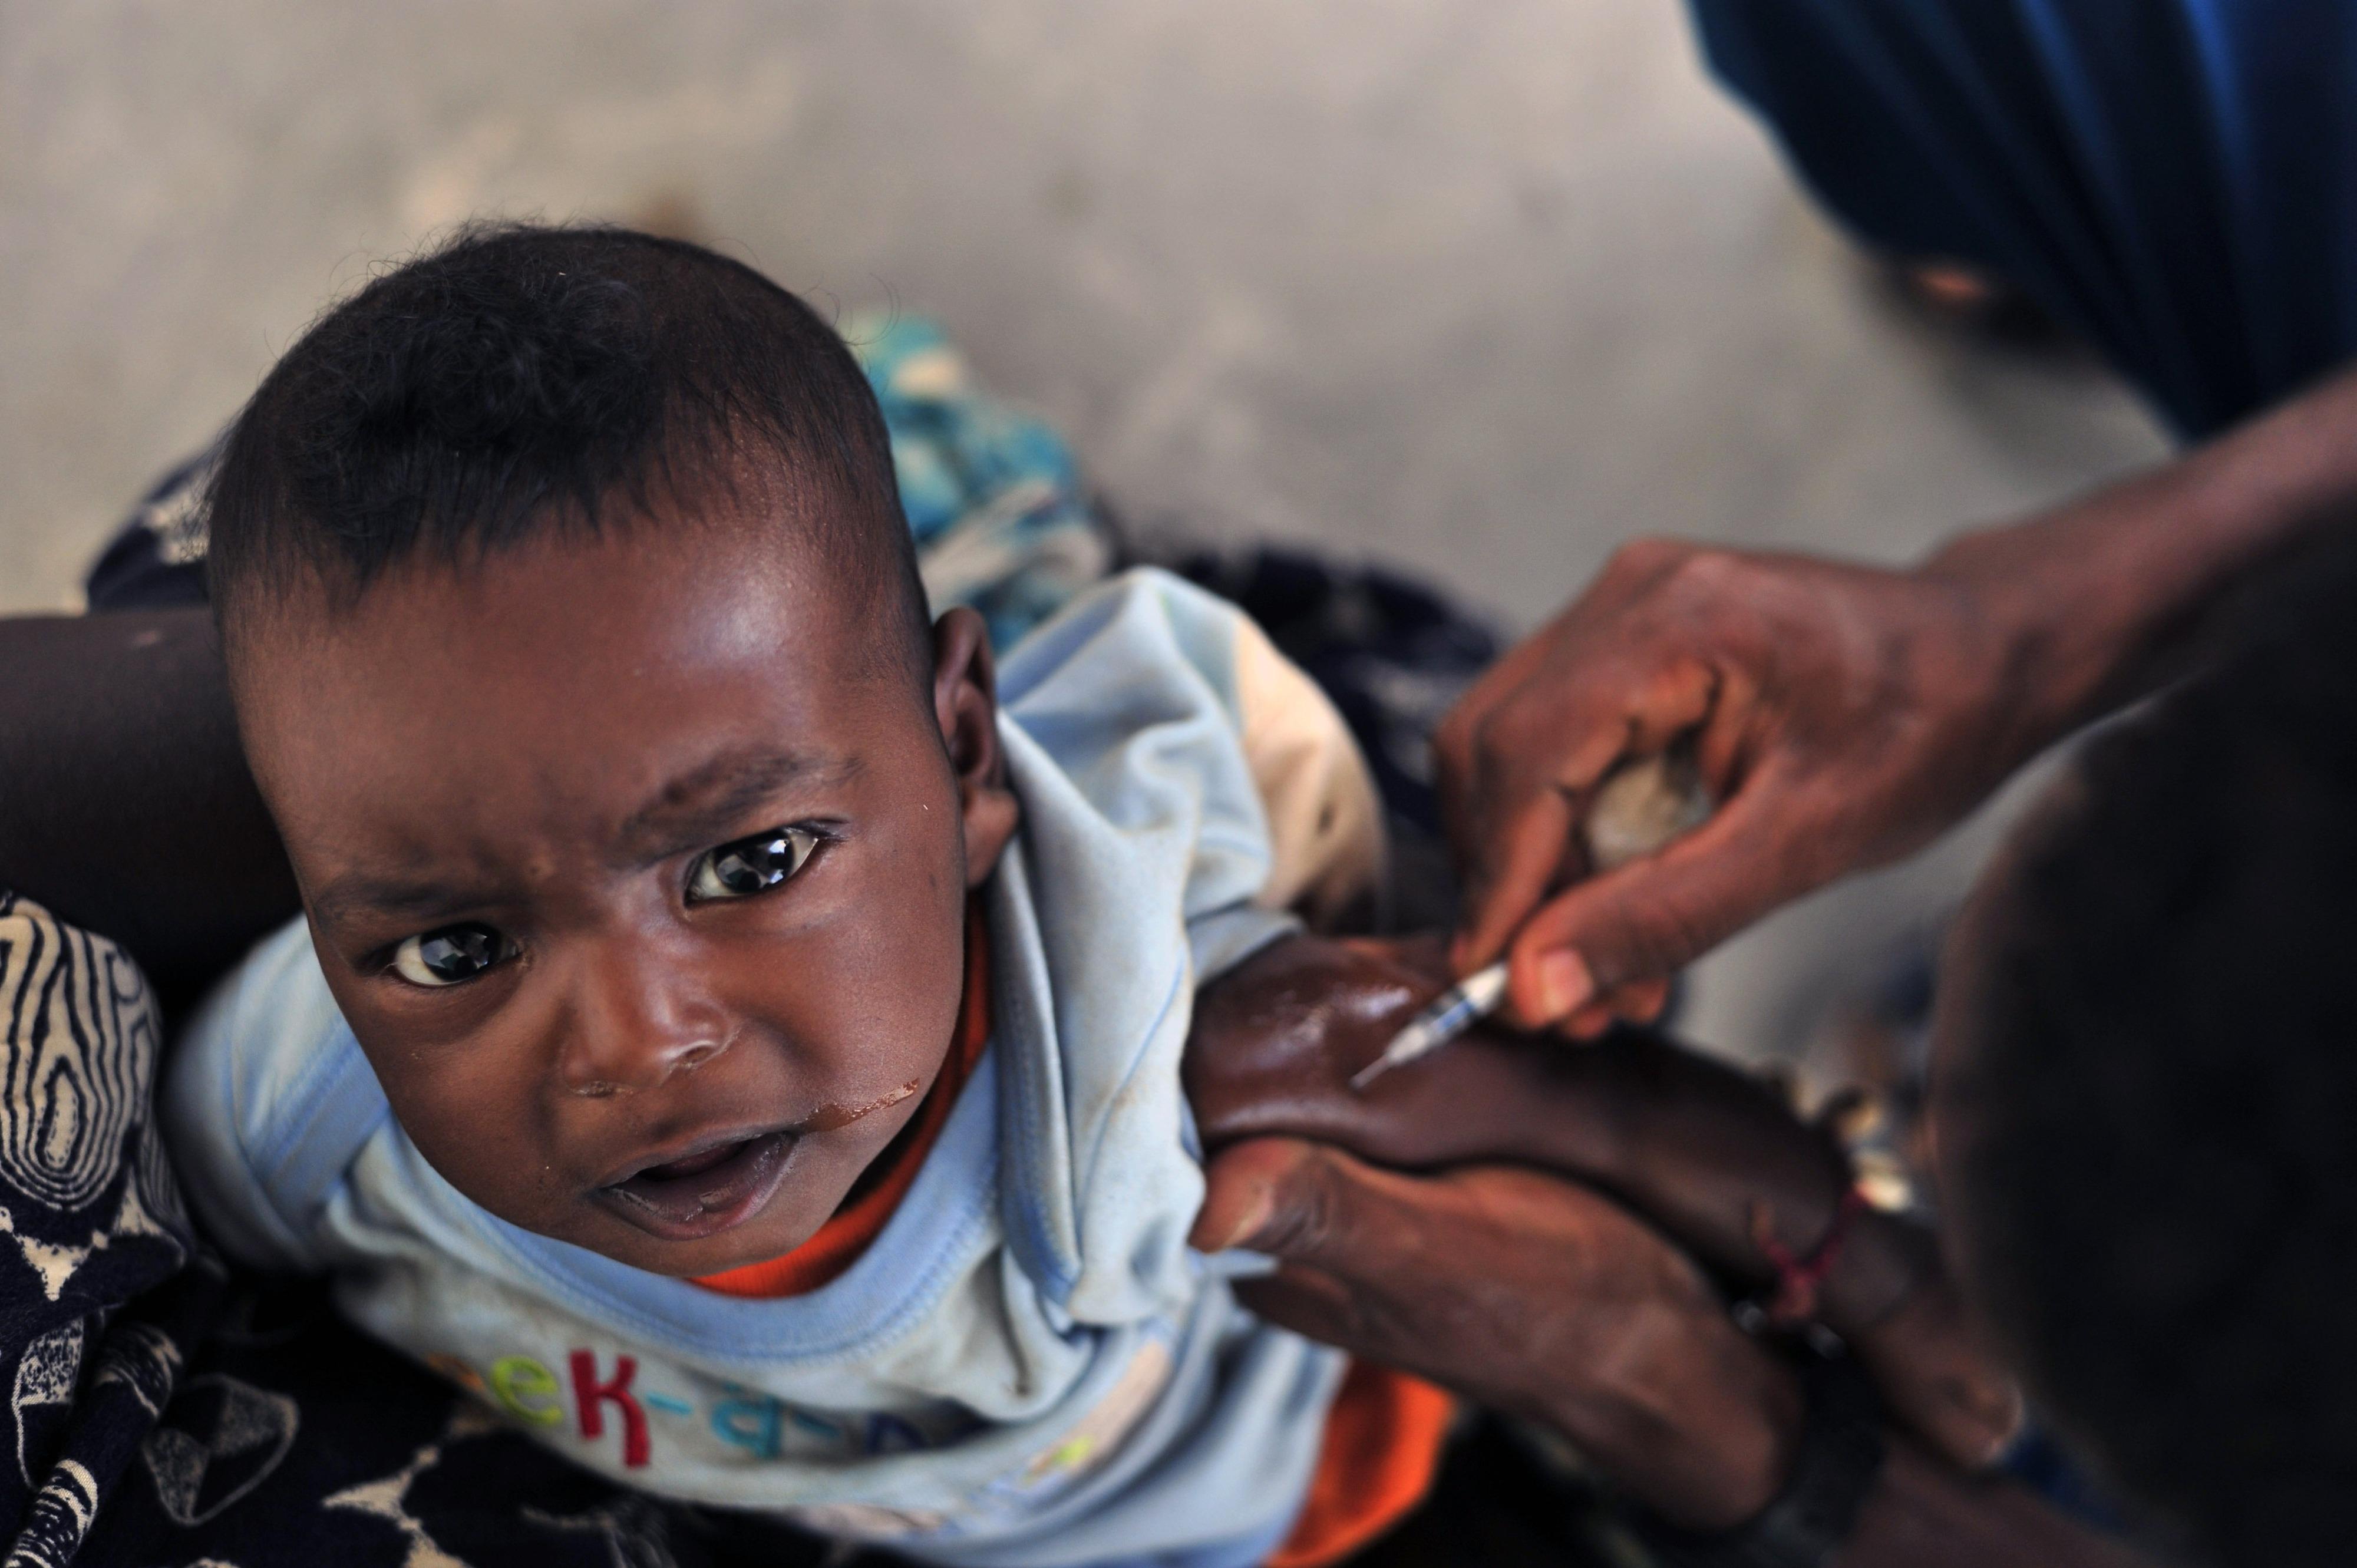 OMS vacina 30 milhões de africanos contra Ébola. Novo surto a caminho